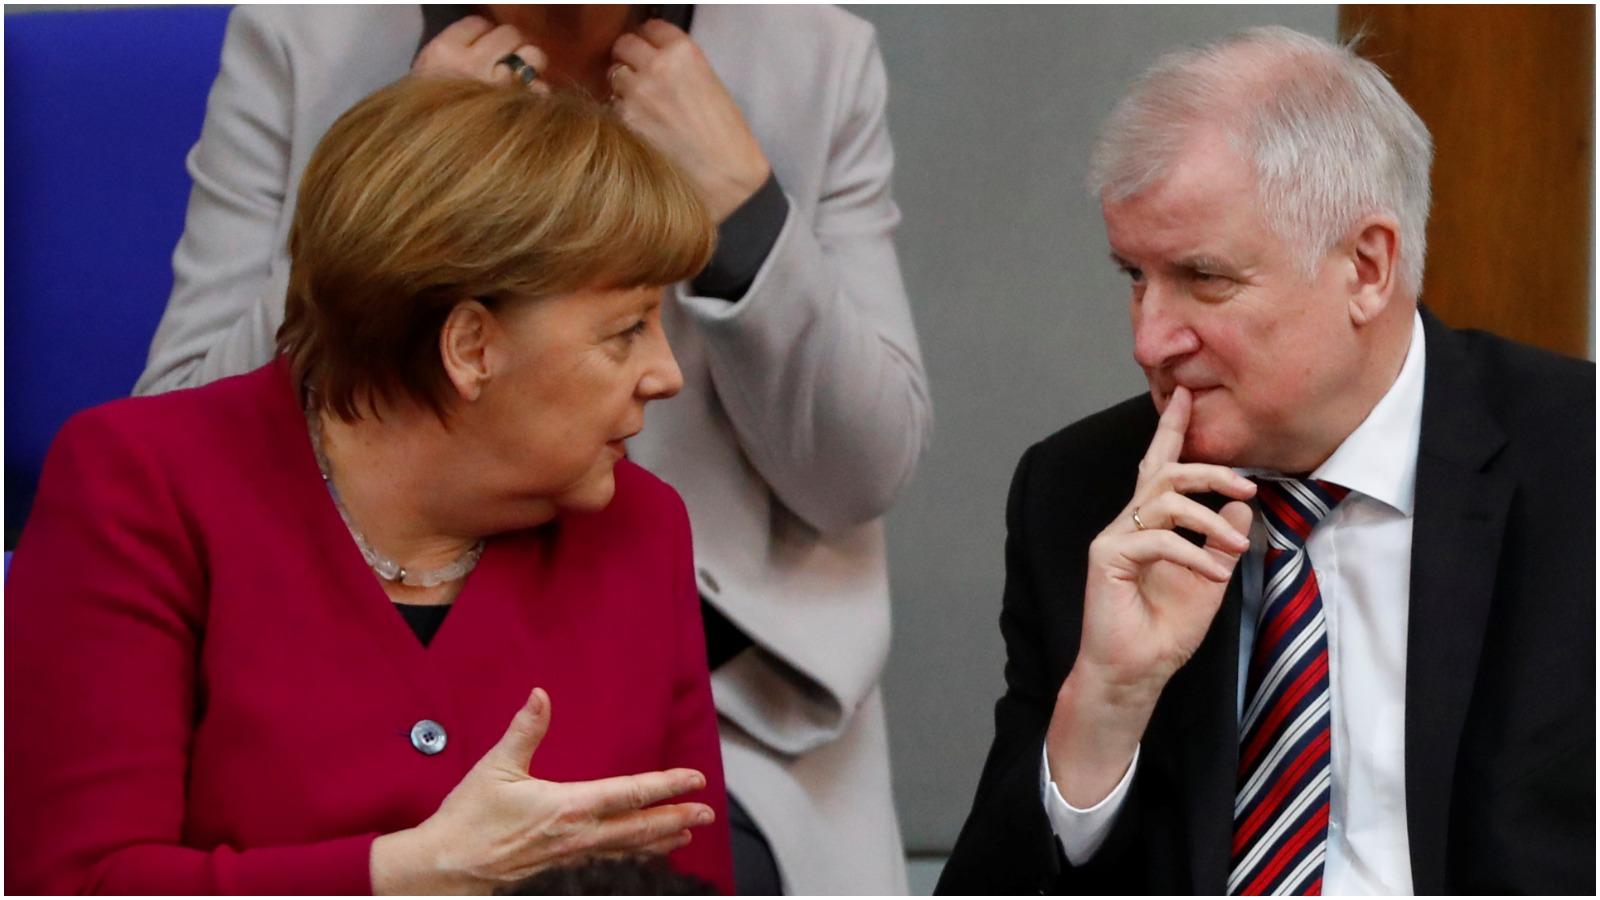 <font color=00008>Philipp Ostrowicz efter valget i Bayern:</font color=00008> CSU's smertende tilbagegang kan være begyndelsen på enden for Merkel